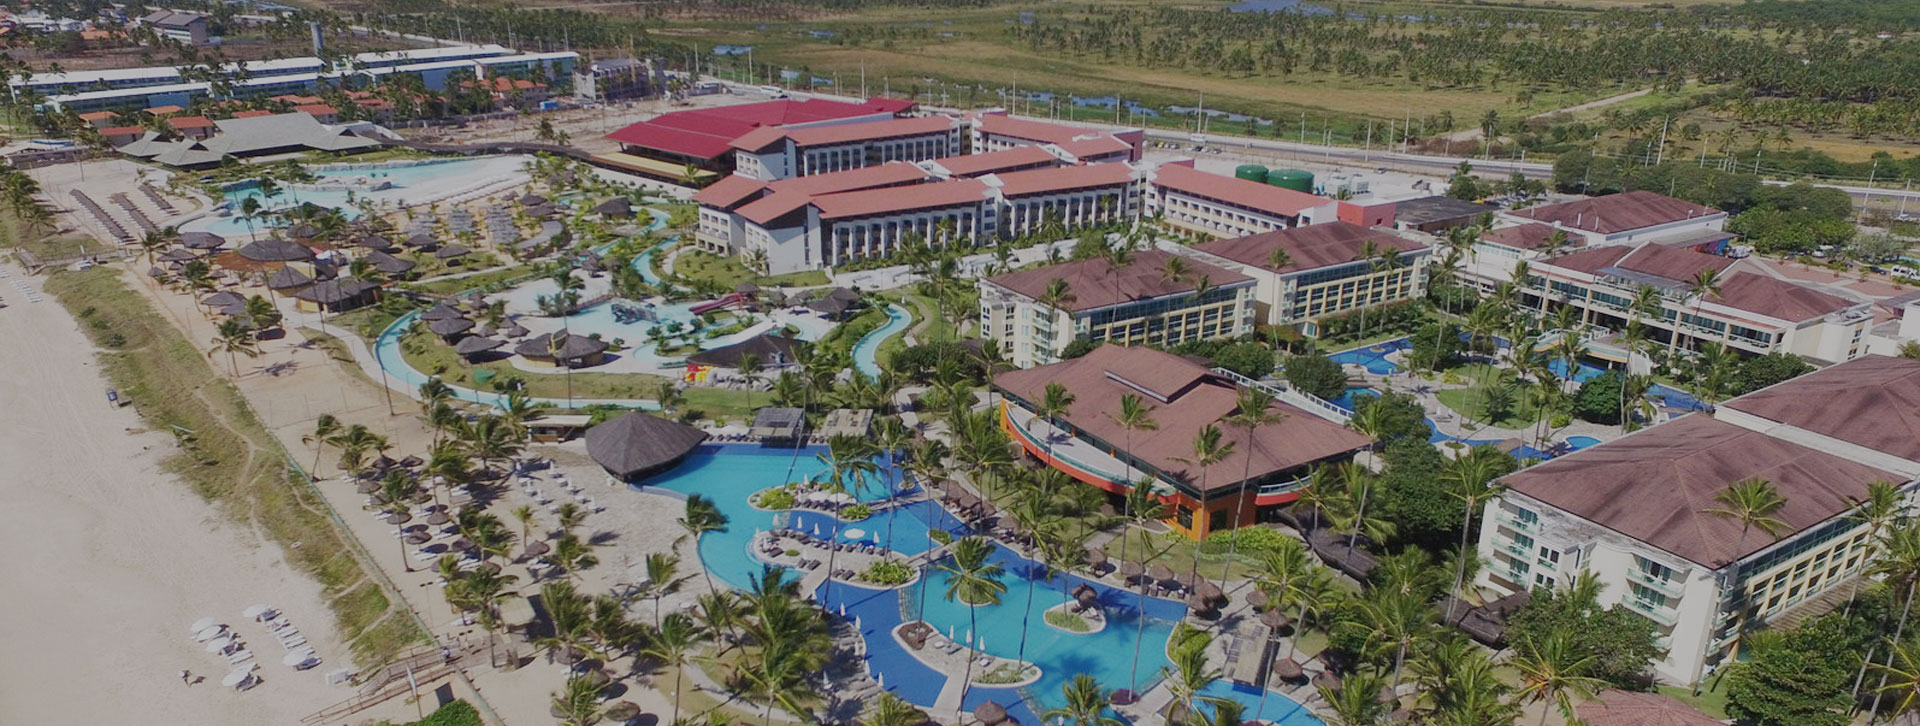 enotel resort, pacotes de viagens promocionais